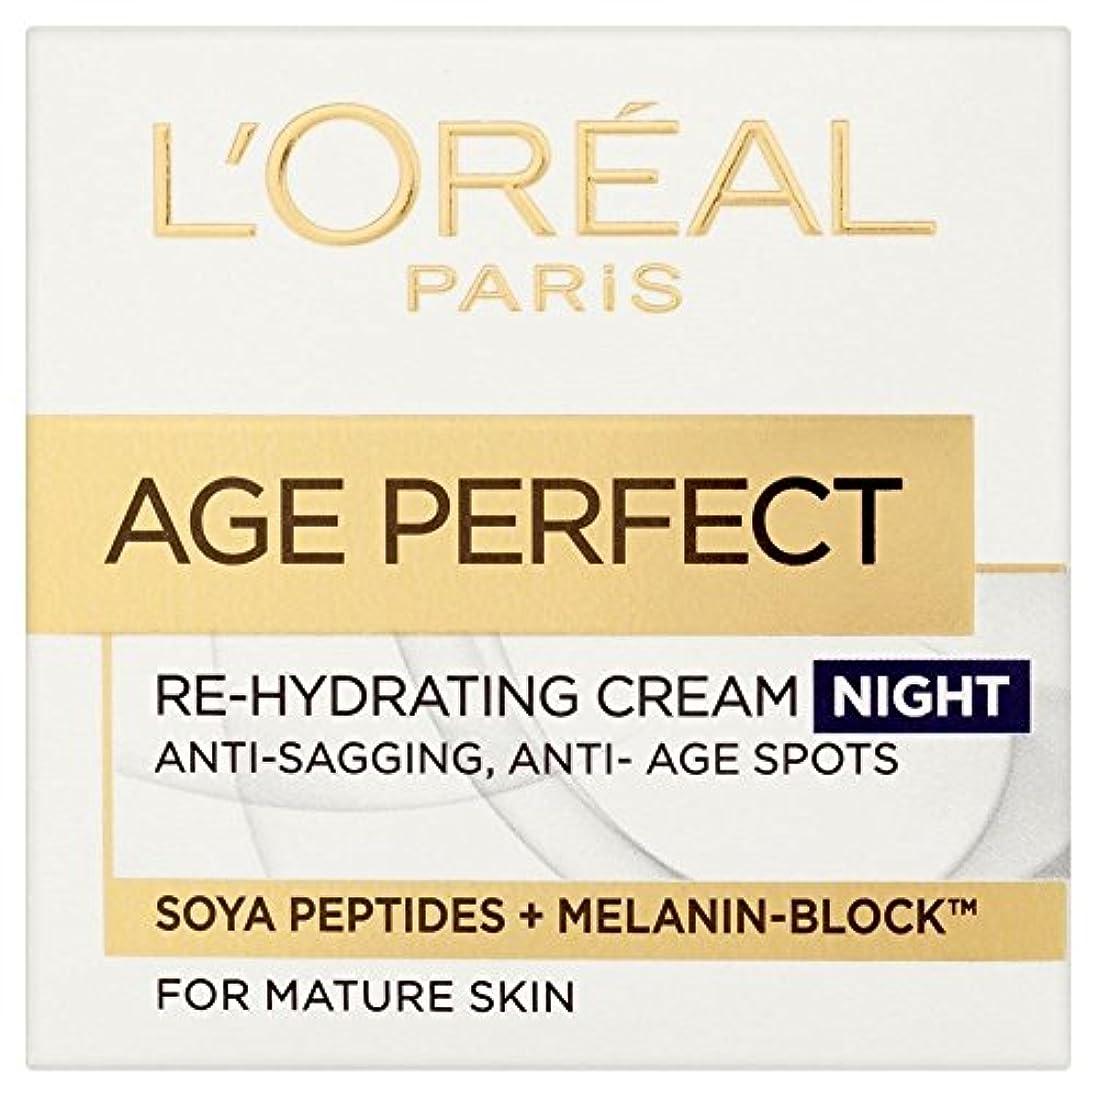 好戦的なキリンオーストラリアL'Oréal Paris Alter Perfekte Pro-Calcium-Stärkende Nachtcreme 50 Ml - Packung mit 2